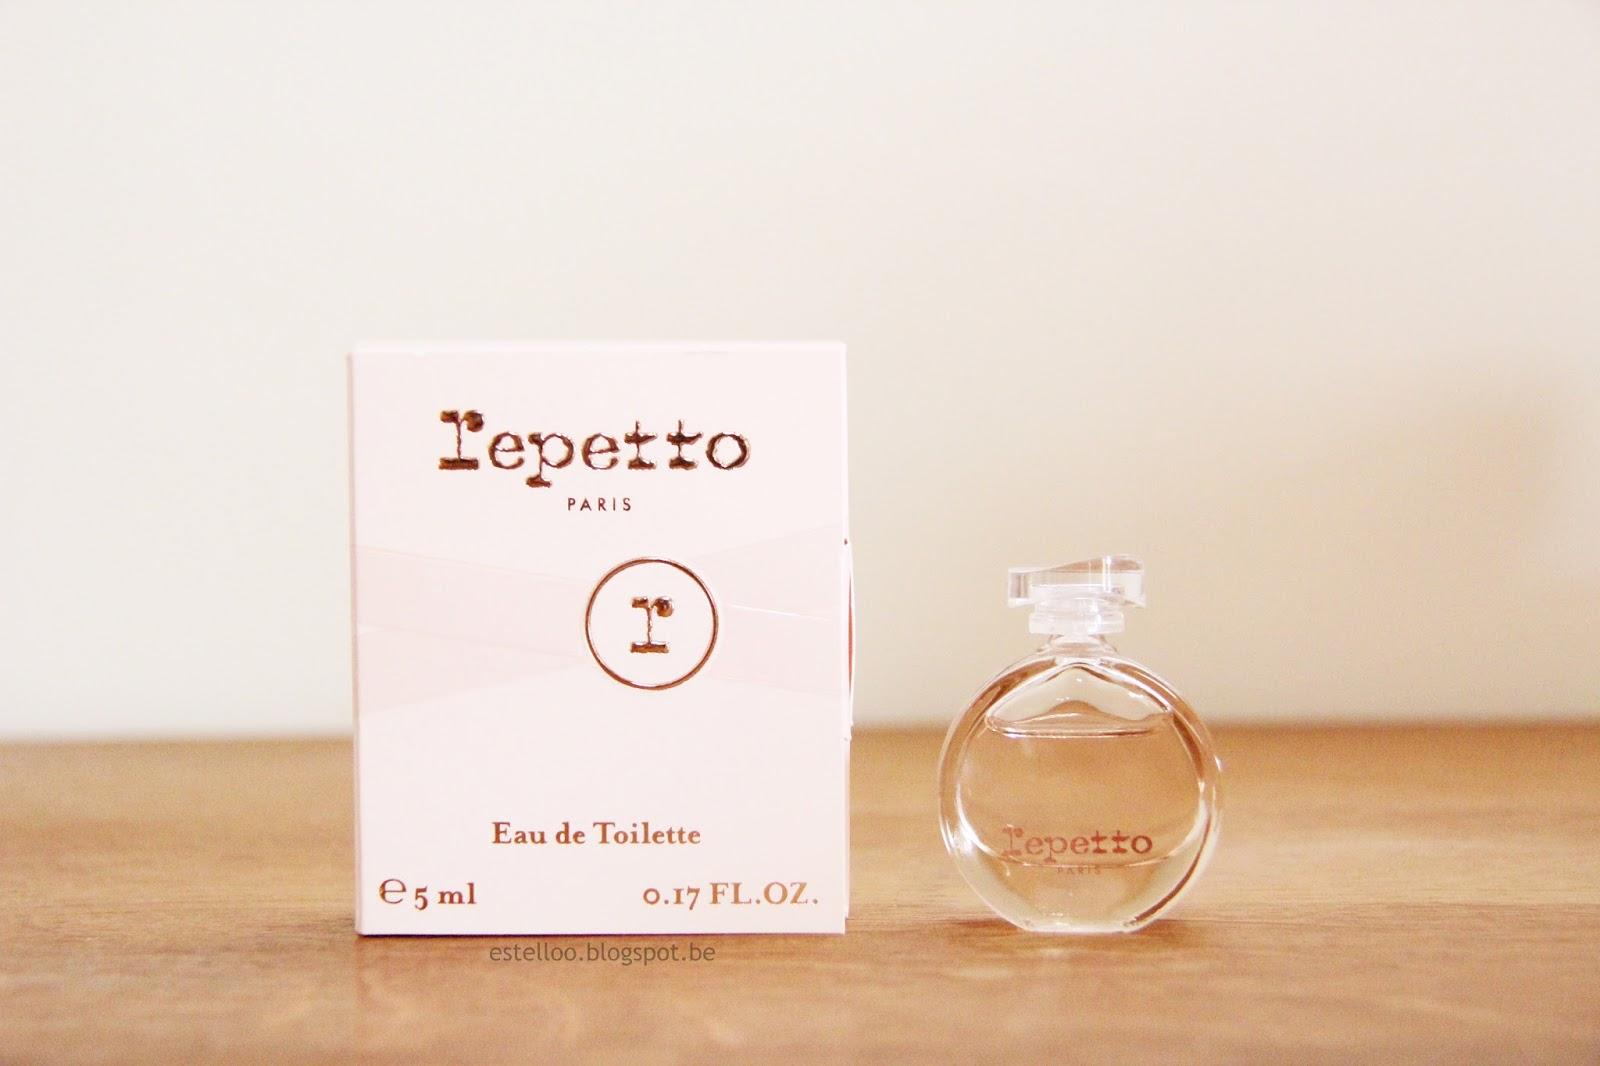 Mes parfums synonymes de f minit personnalit sensualit s duction et motion enjoy - Eau de toilette synonyme ...